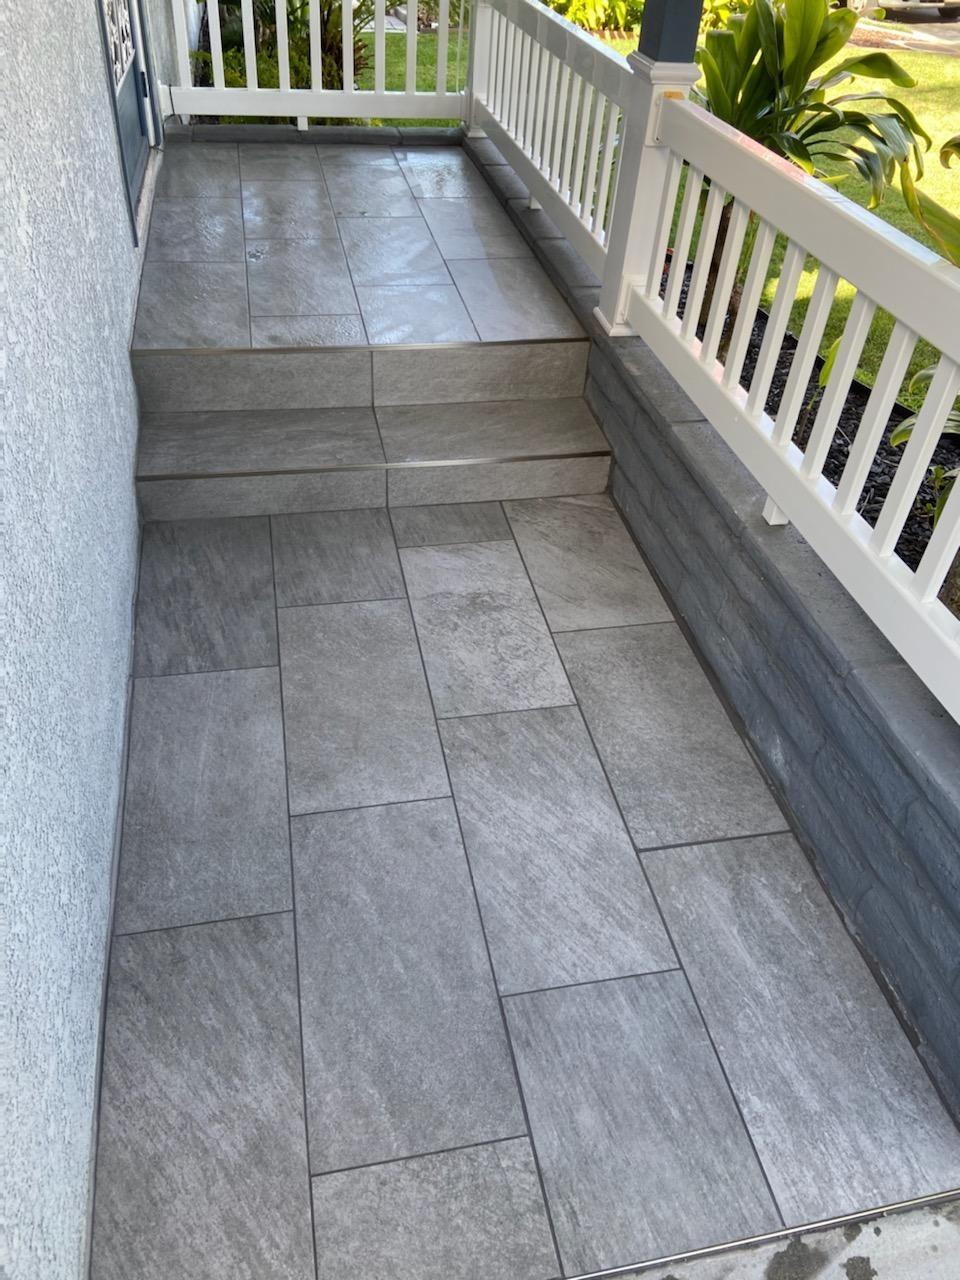 Porch Tile install